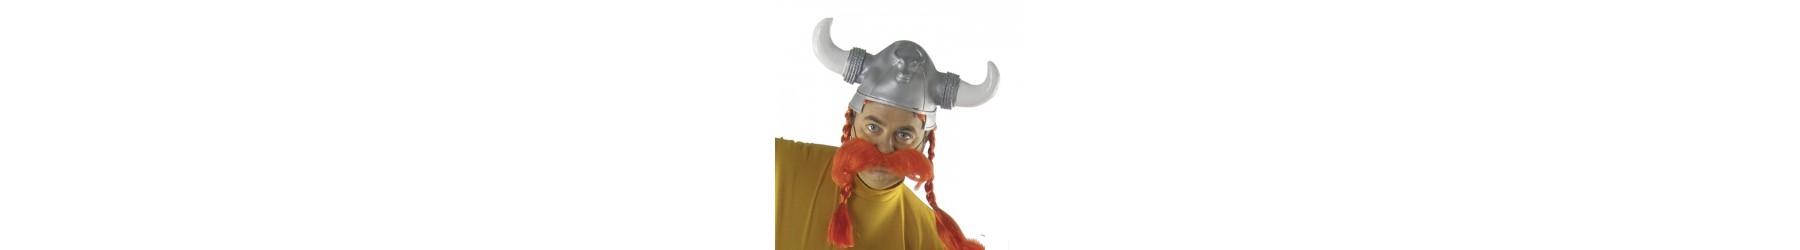 Αποκριάτικα Καπέλα χαρακτήρων για θεματικές επιλογές